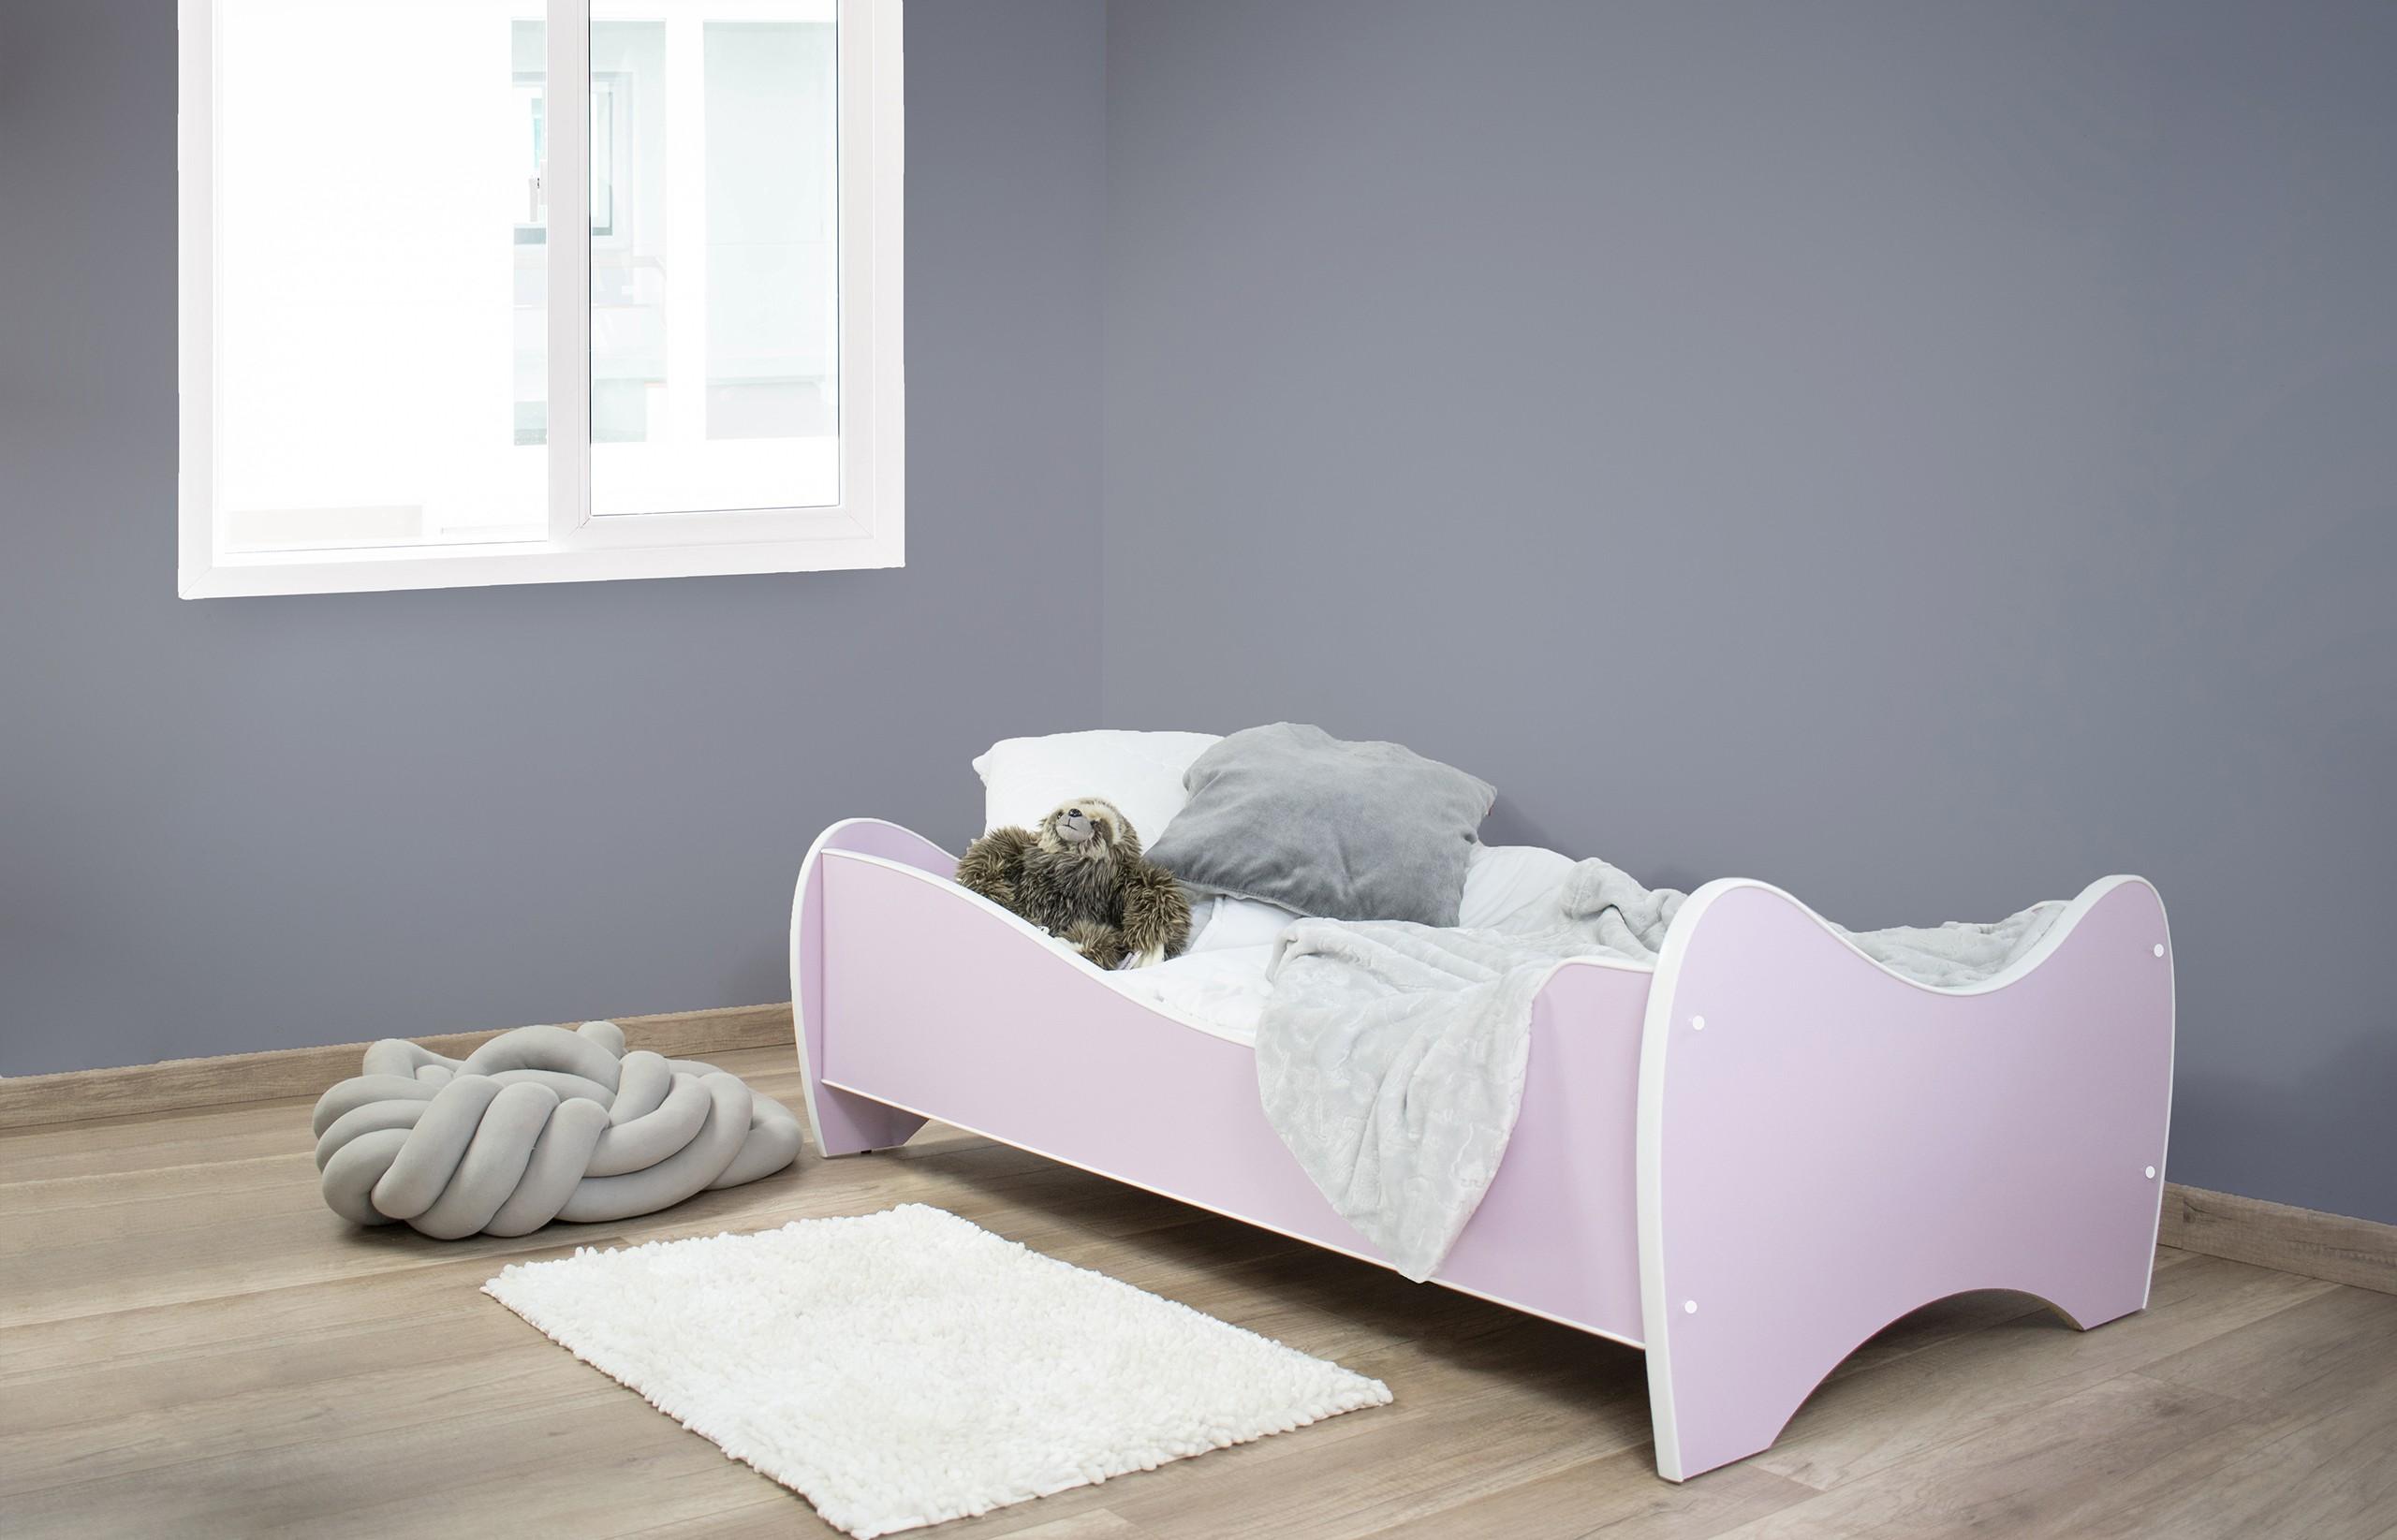 Peuterbed Top Beds Midi Color 70x140 Pastel Lichtroze Incl. Matras